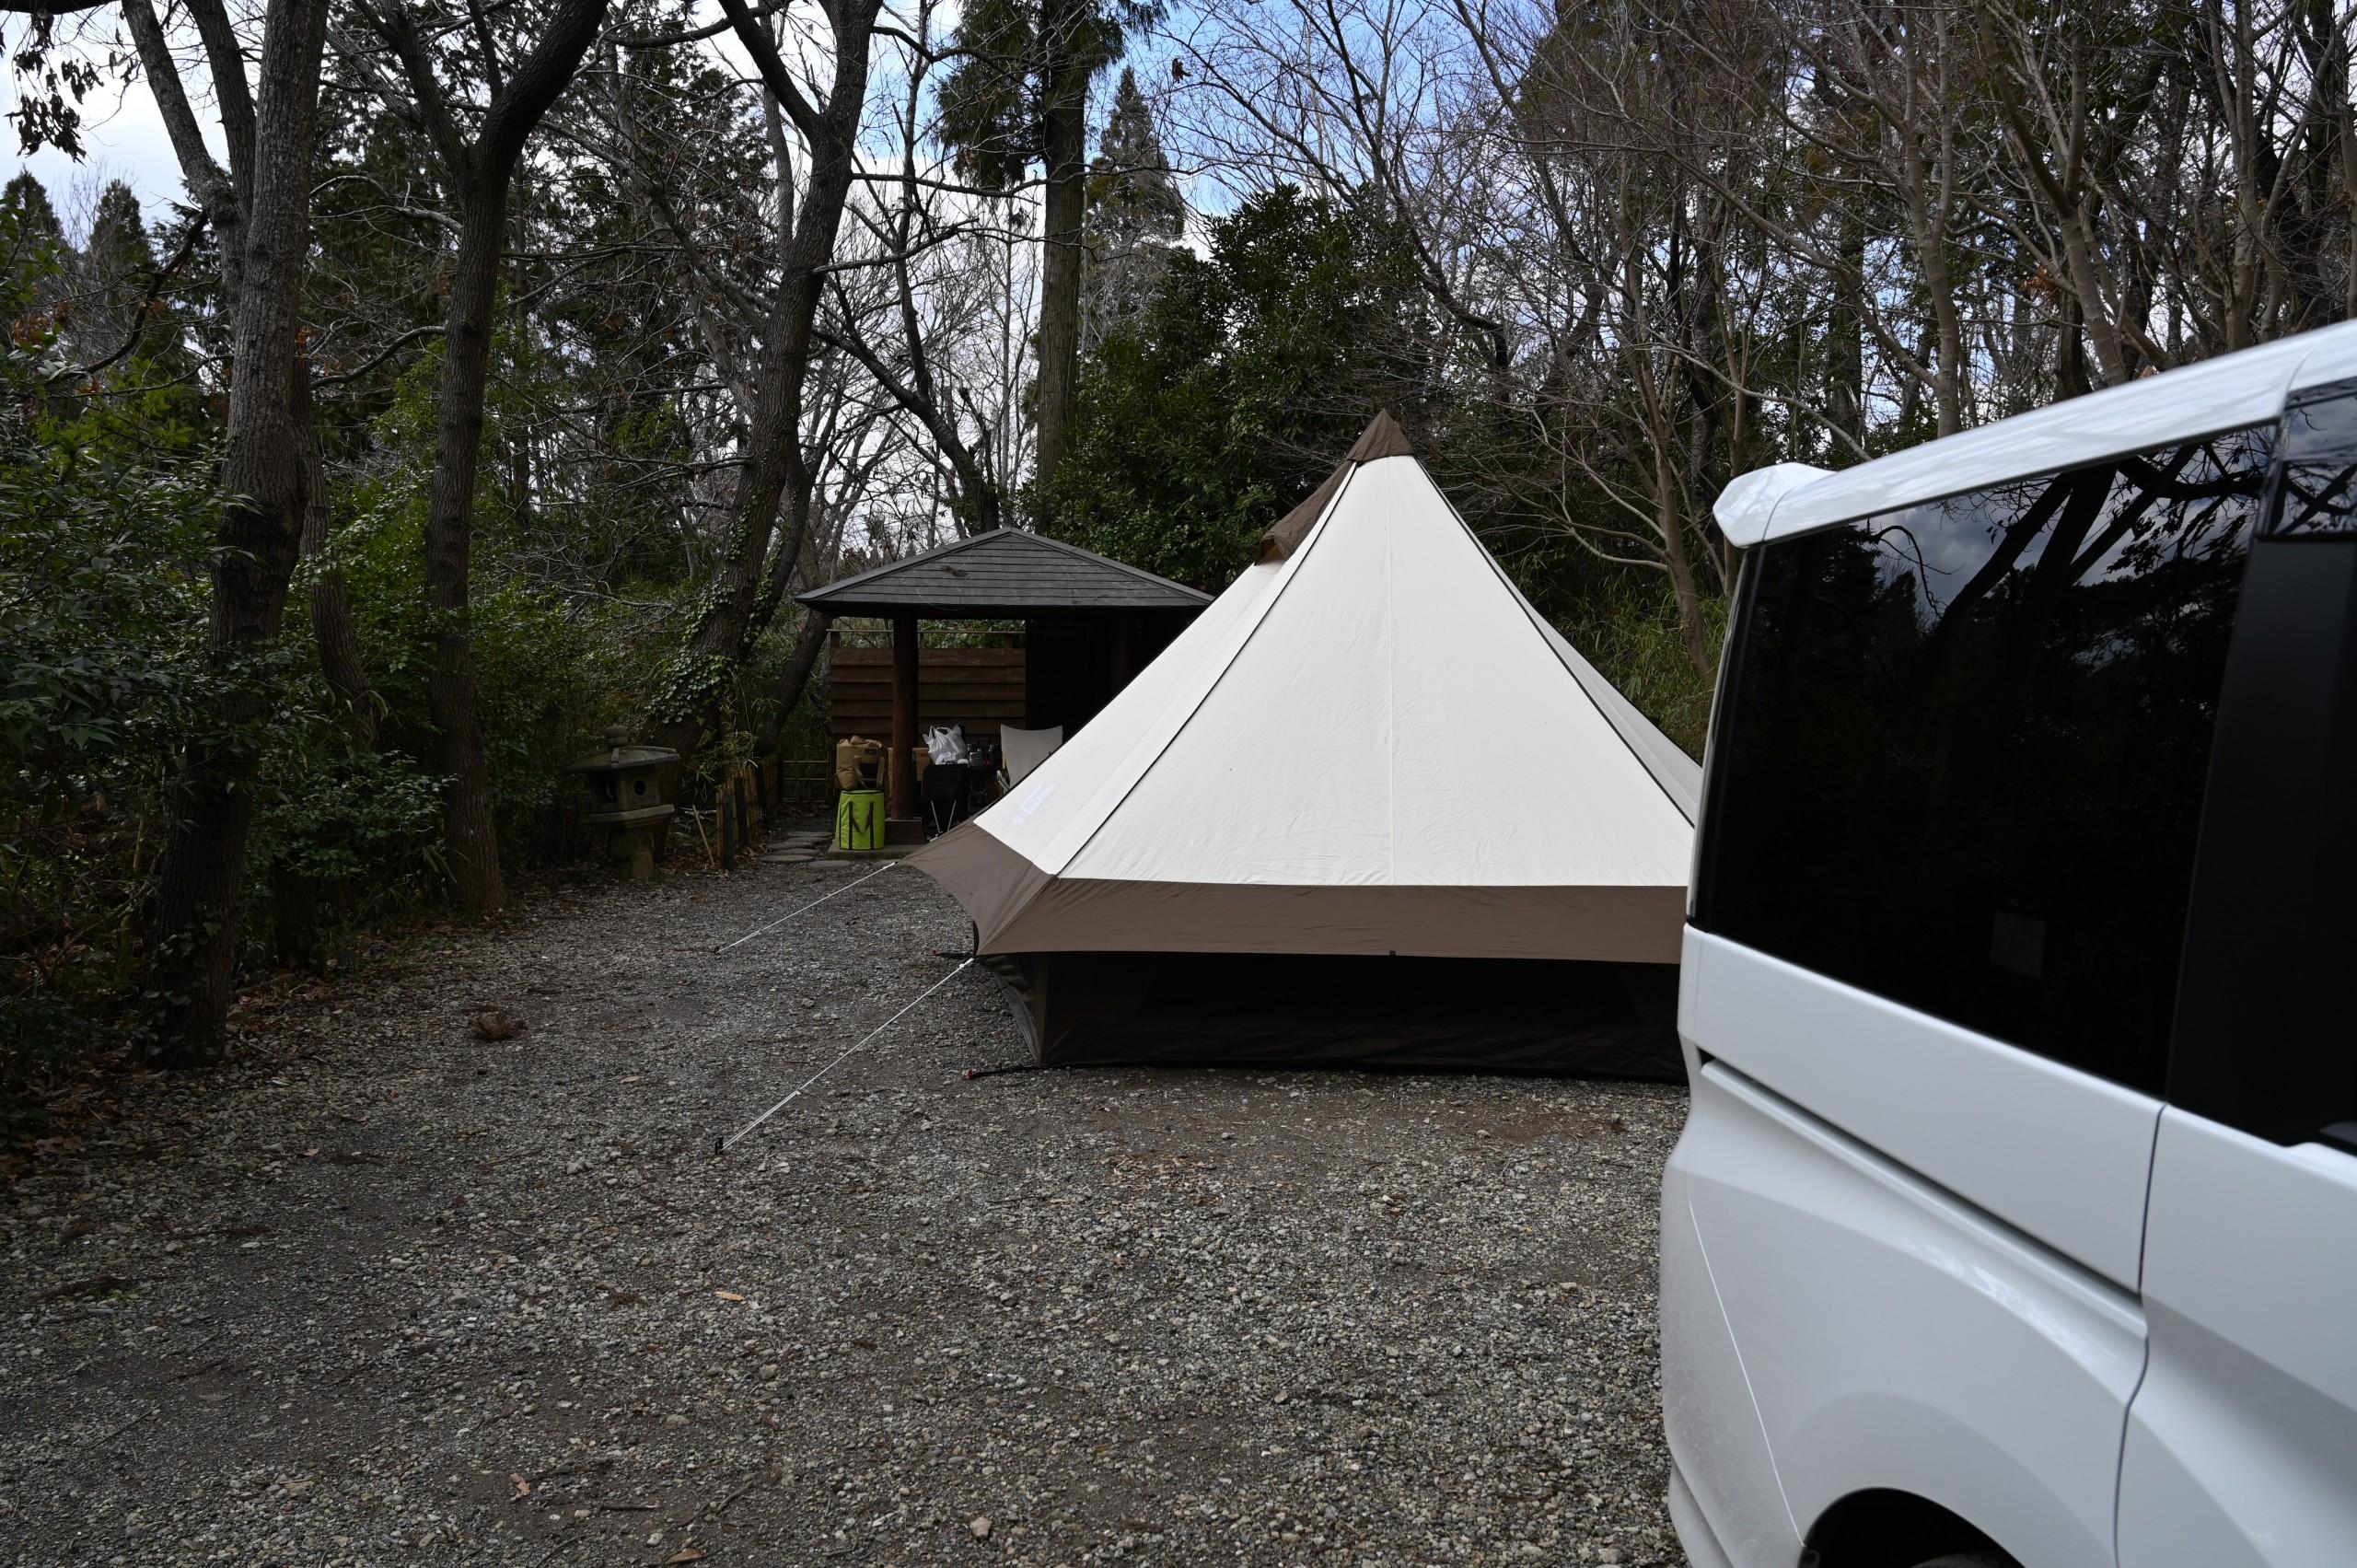 有野実苑のキャンパーズテラスサイトで父子3人まったりキャンプ